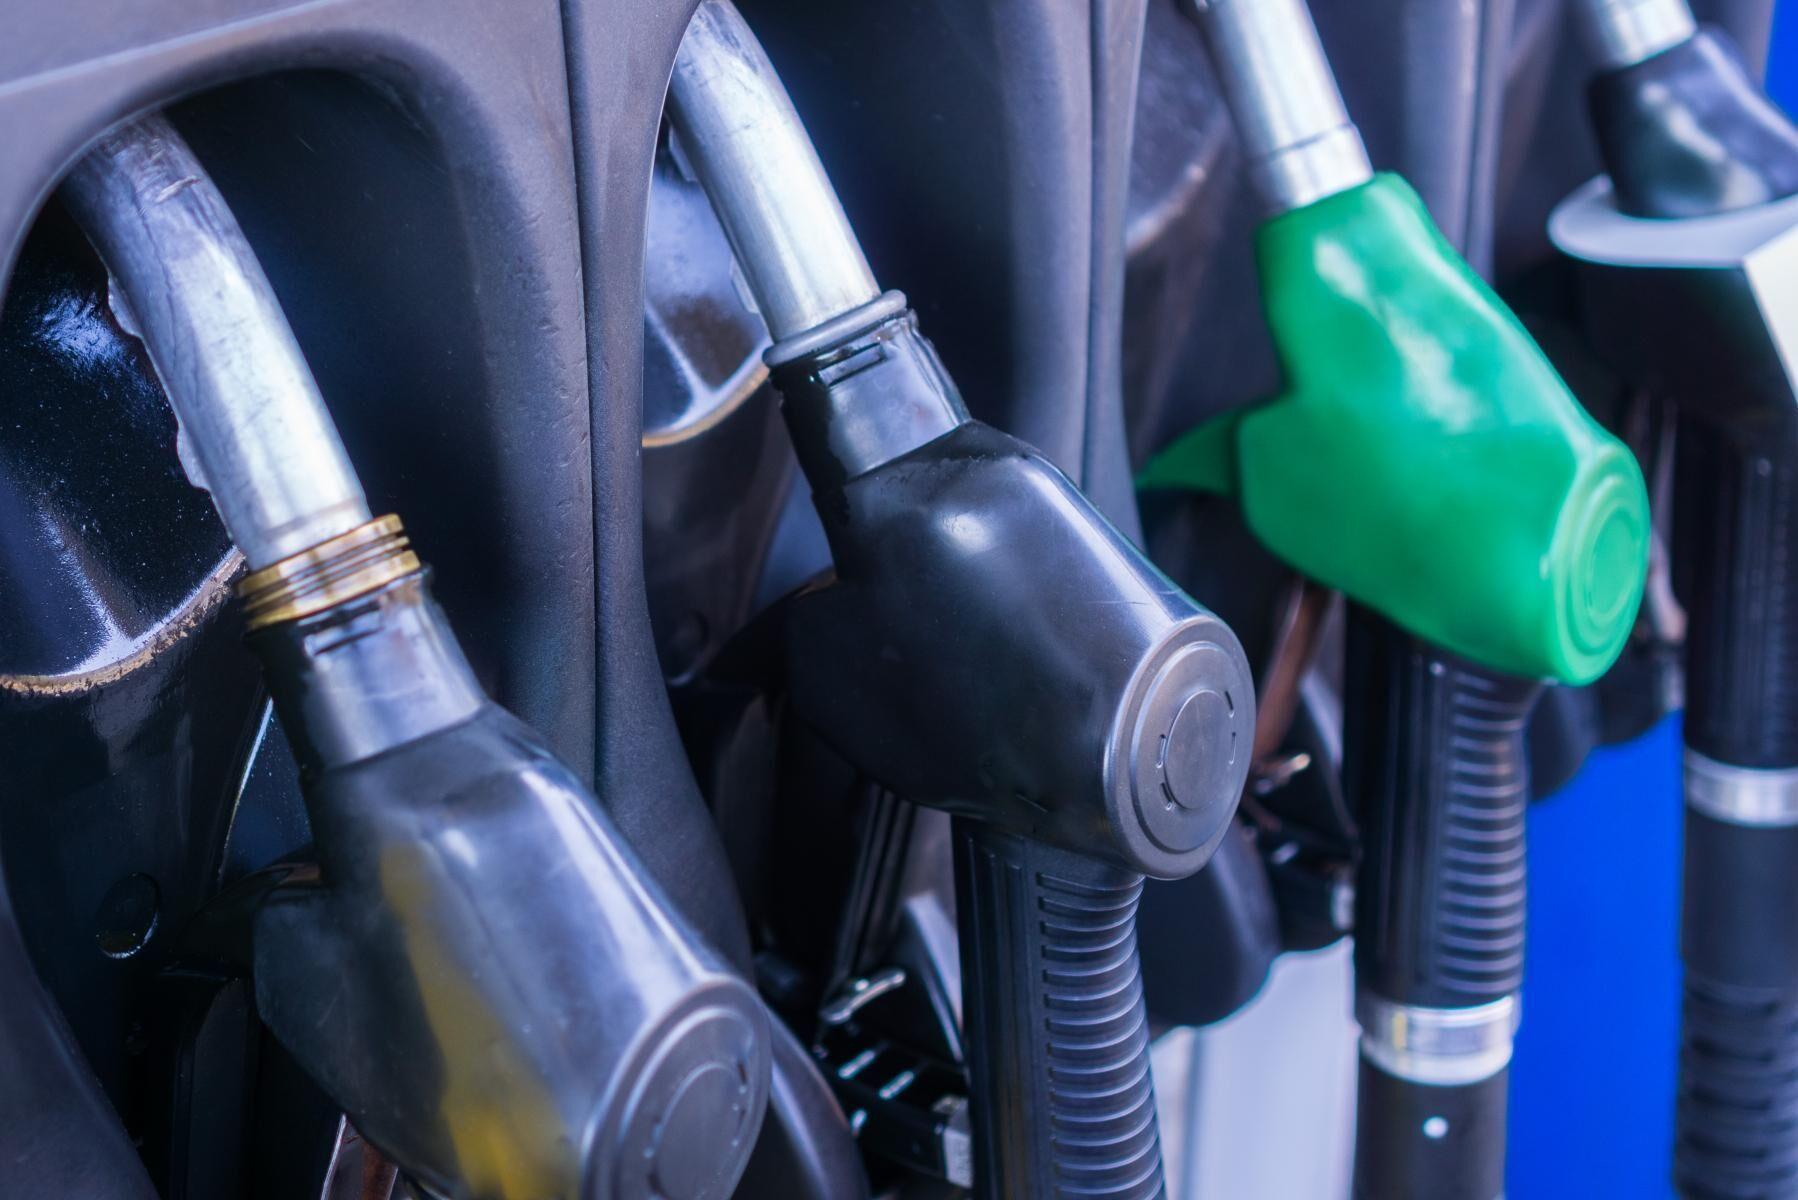 Moderaterna vill se en sänkning på drivmedelspriserna med en krona per liter. Arkivbild.